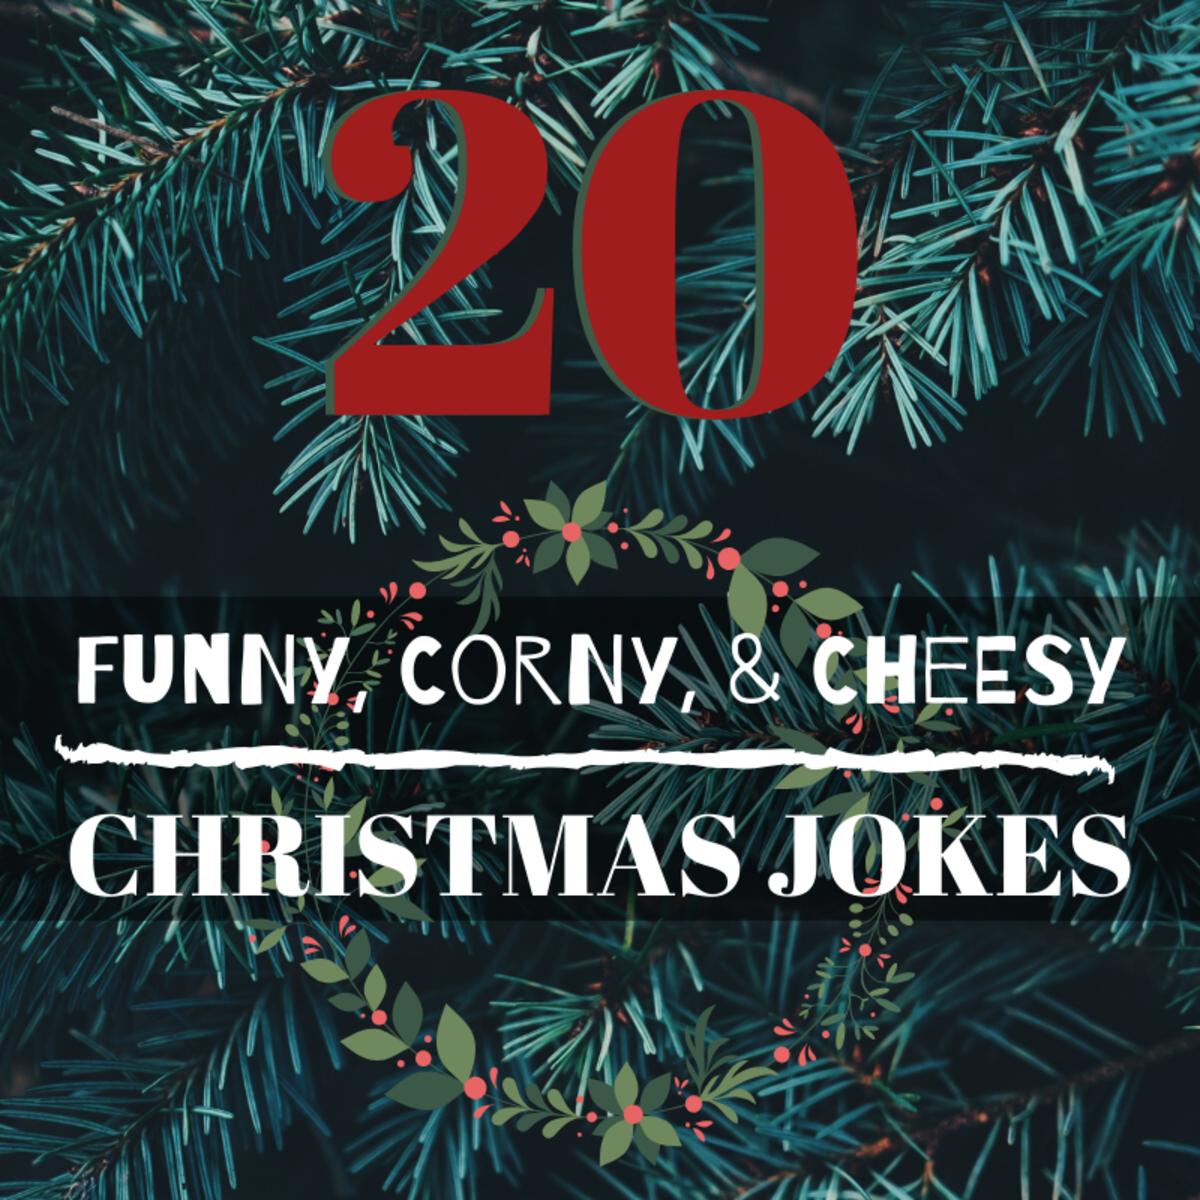 20 Funny, Corny, and Cheesy Christmas